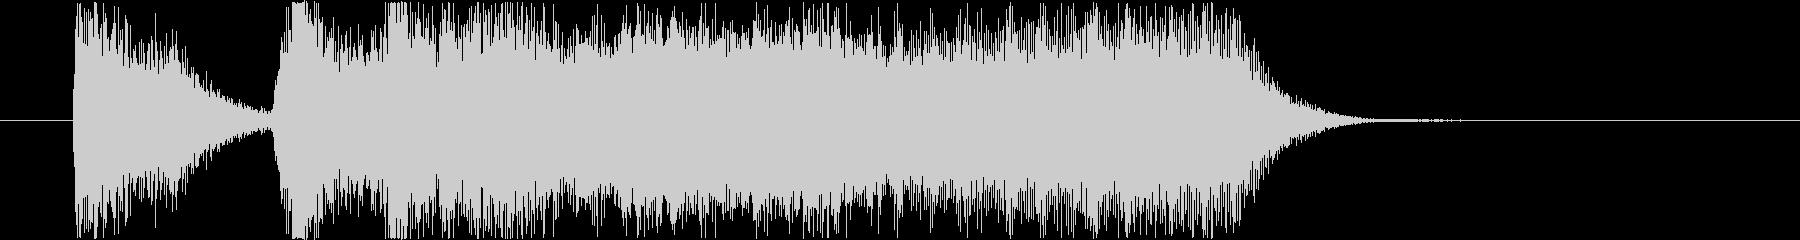 テッテレー (ブラスのファンファーレ)の未再生の波形